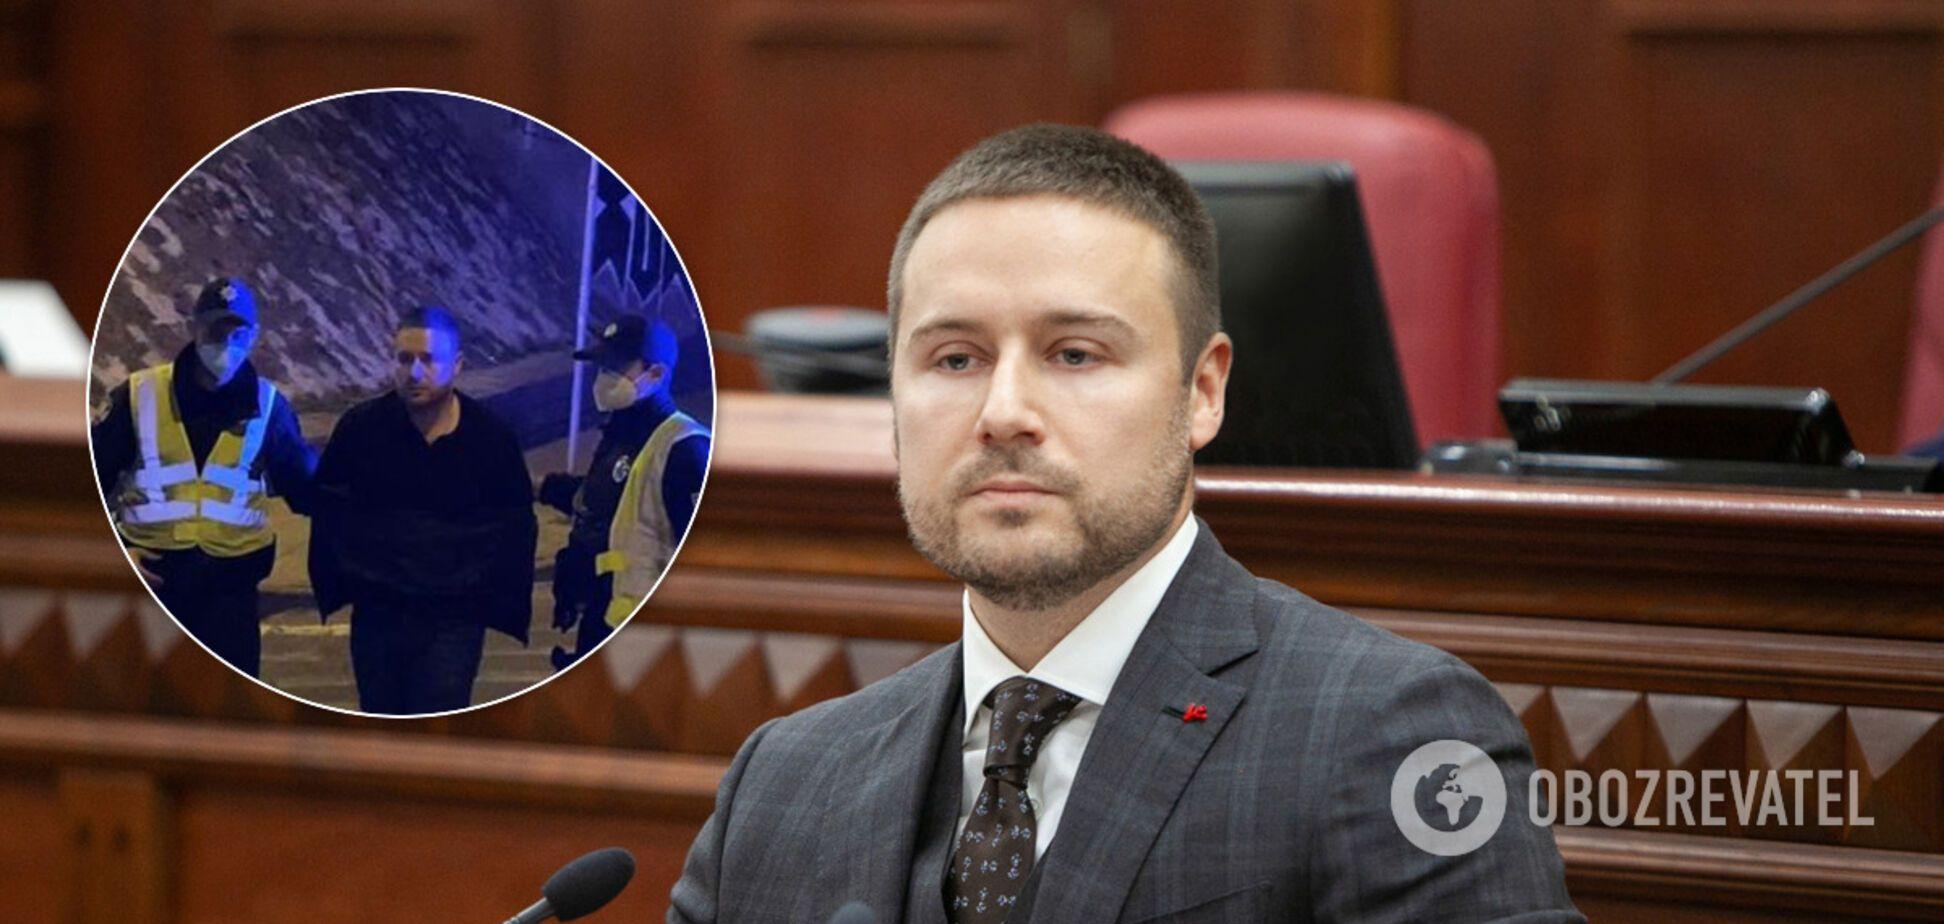 Справу щодо бійки ексзаступника голови КМДА Слончака передали до суду